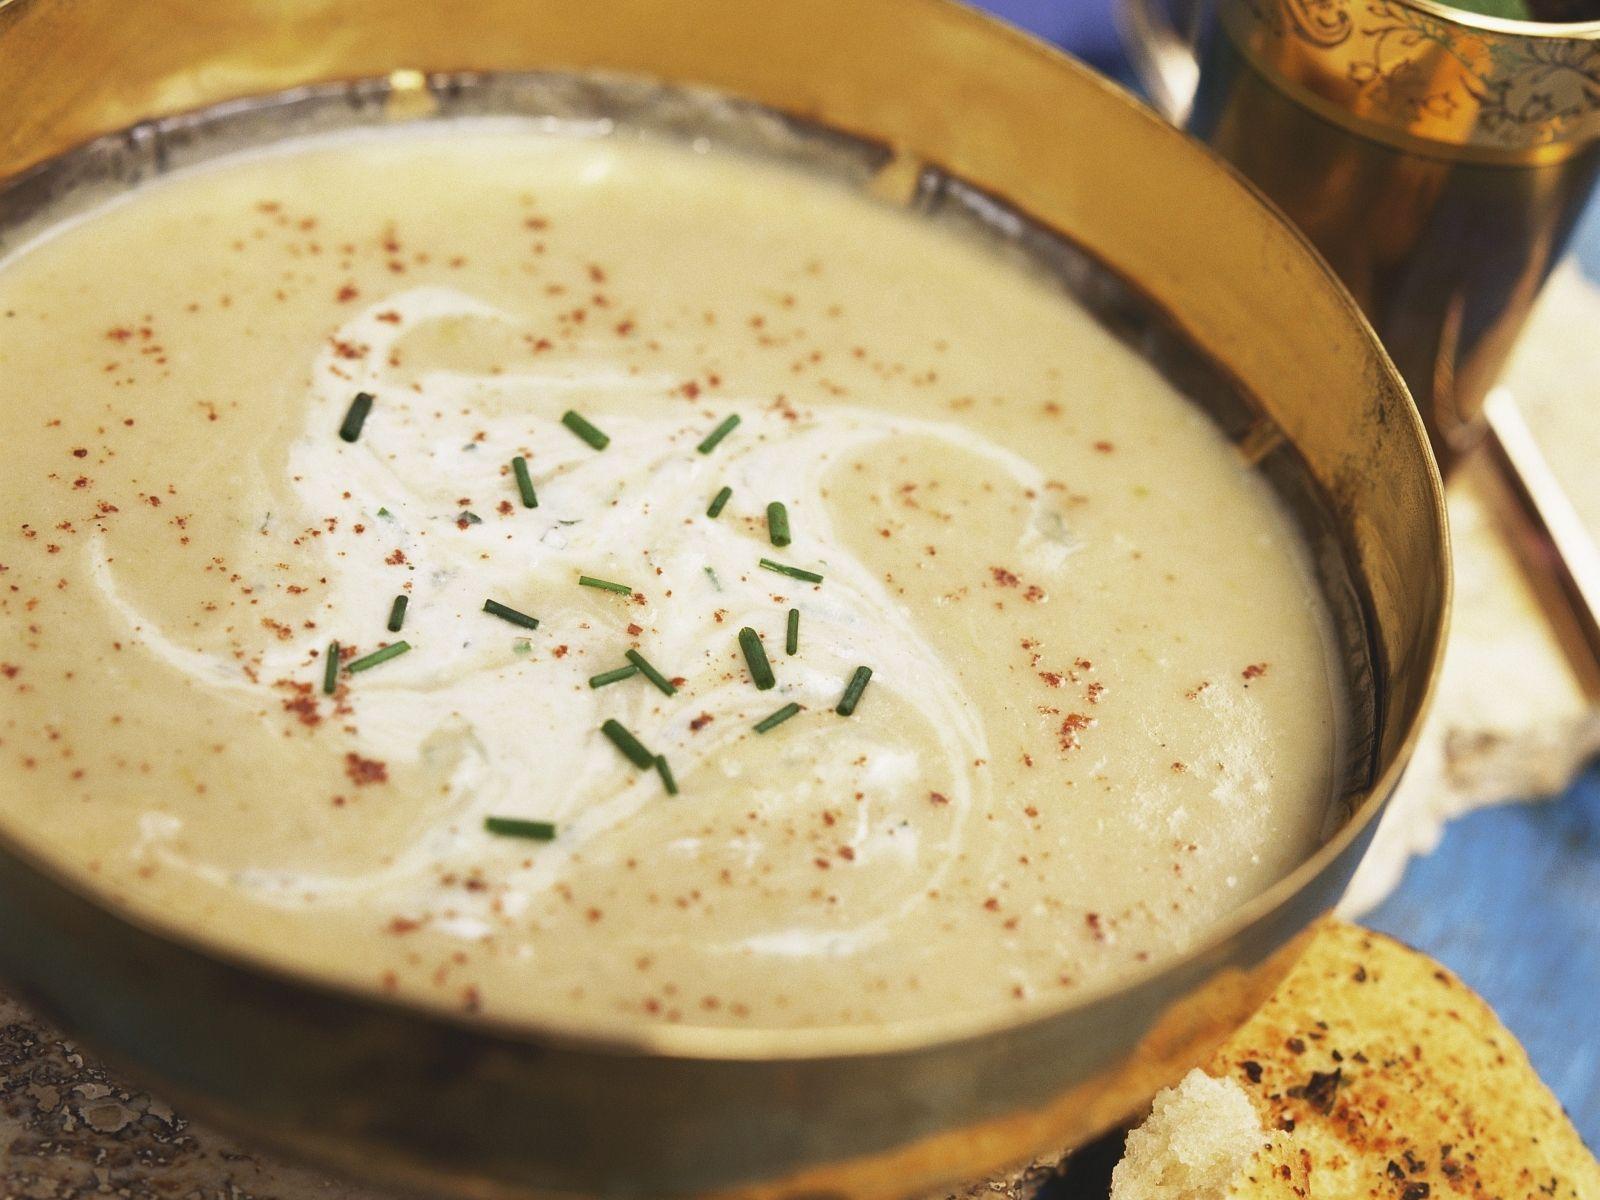 Pastinakensuppe indische gewürzt mit Fladenbrot | Rezept | Pinterest ...